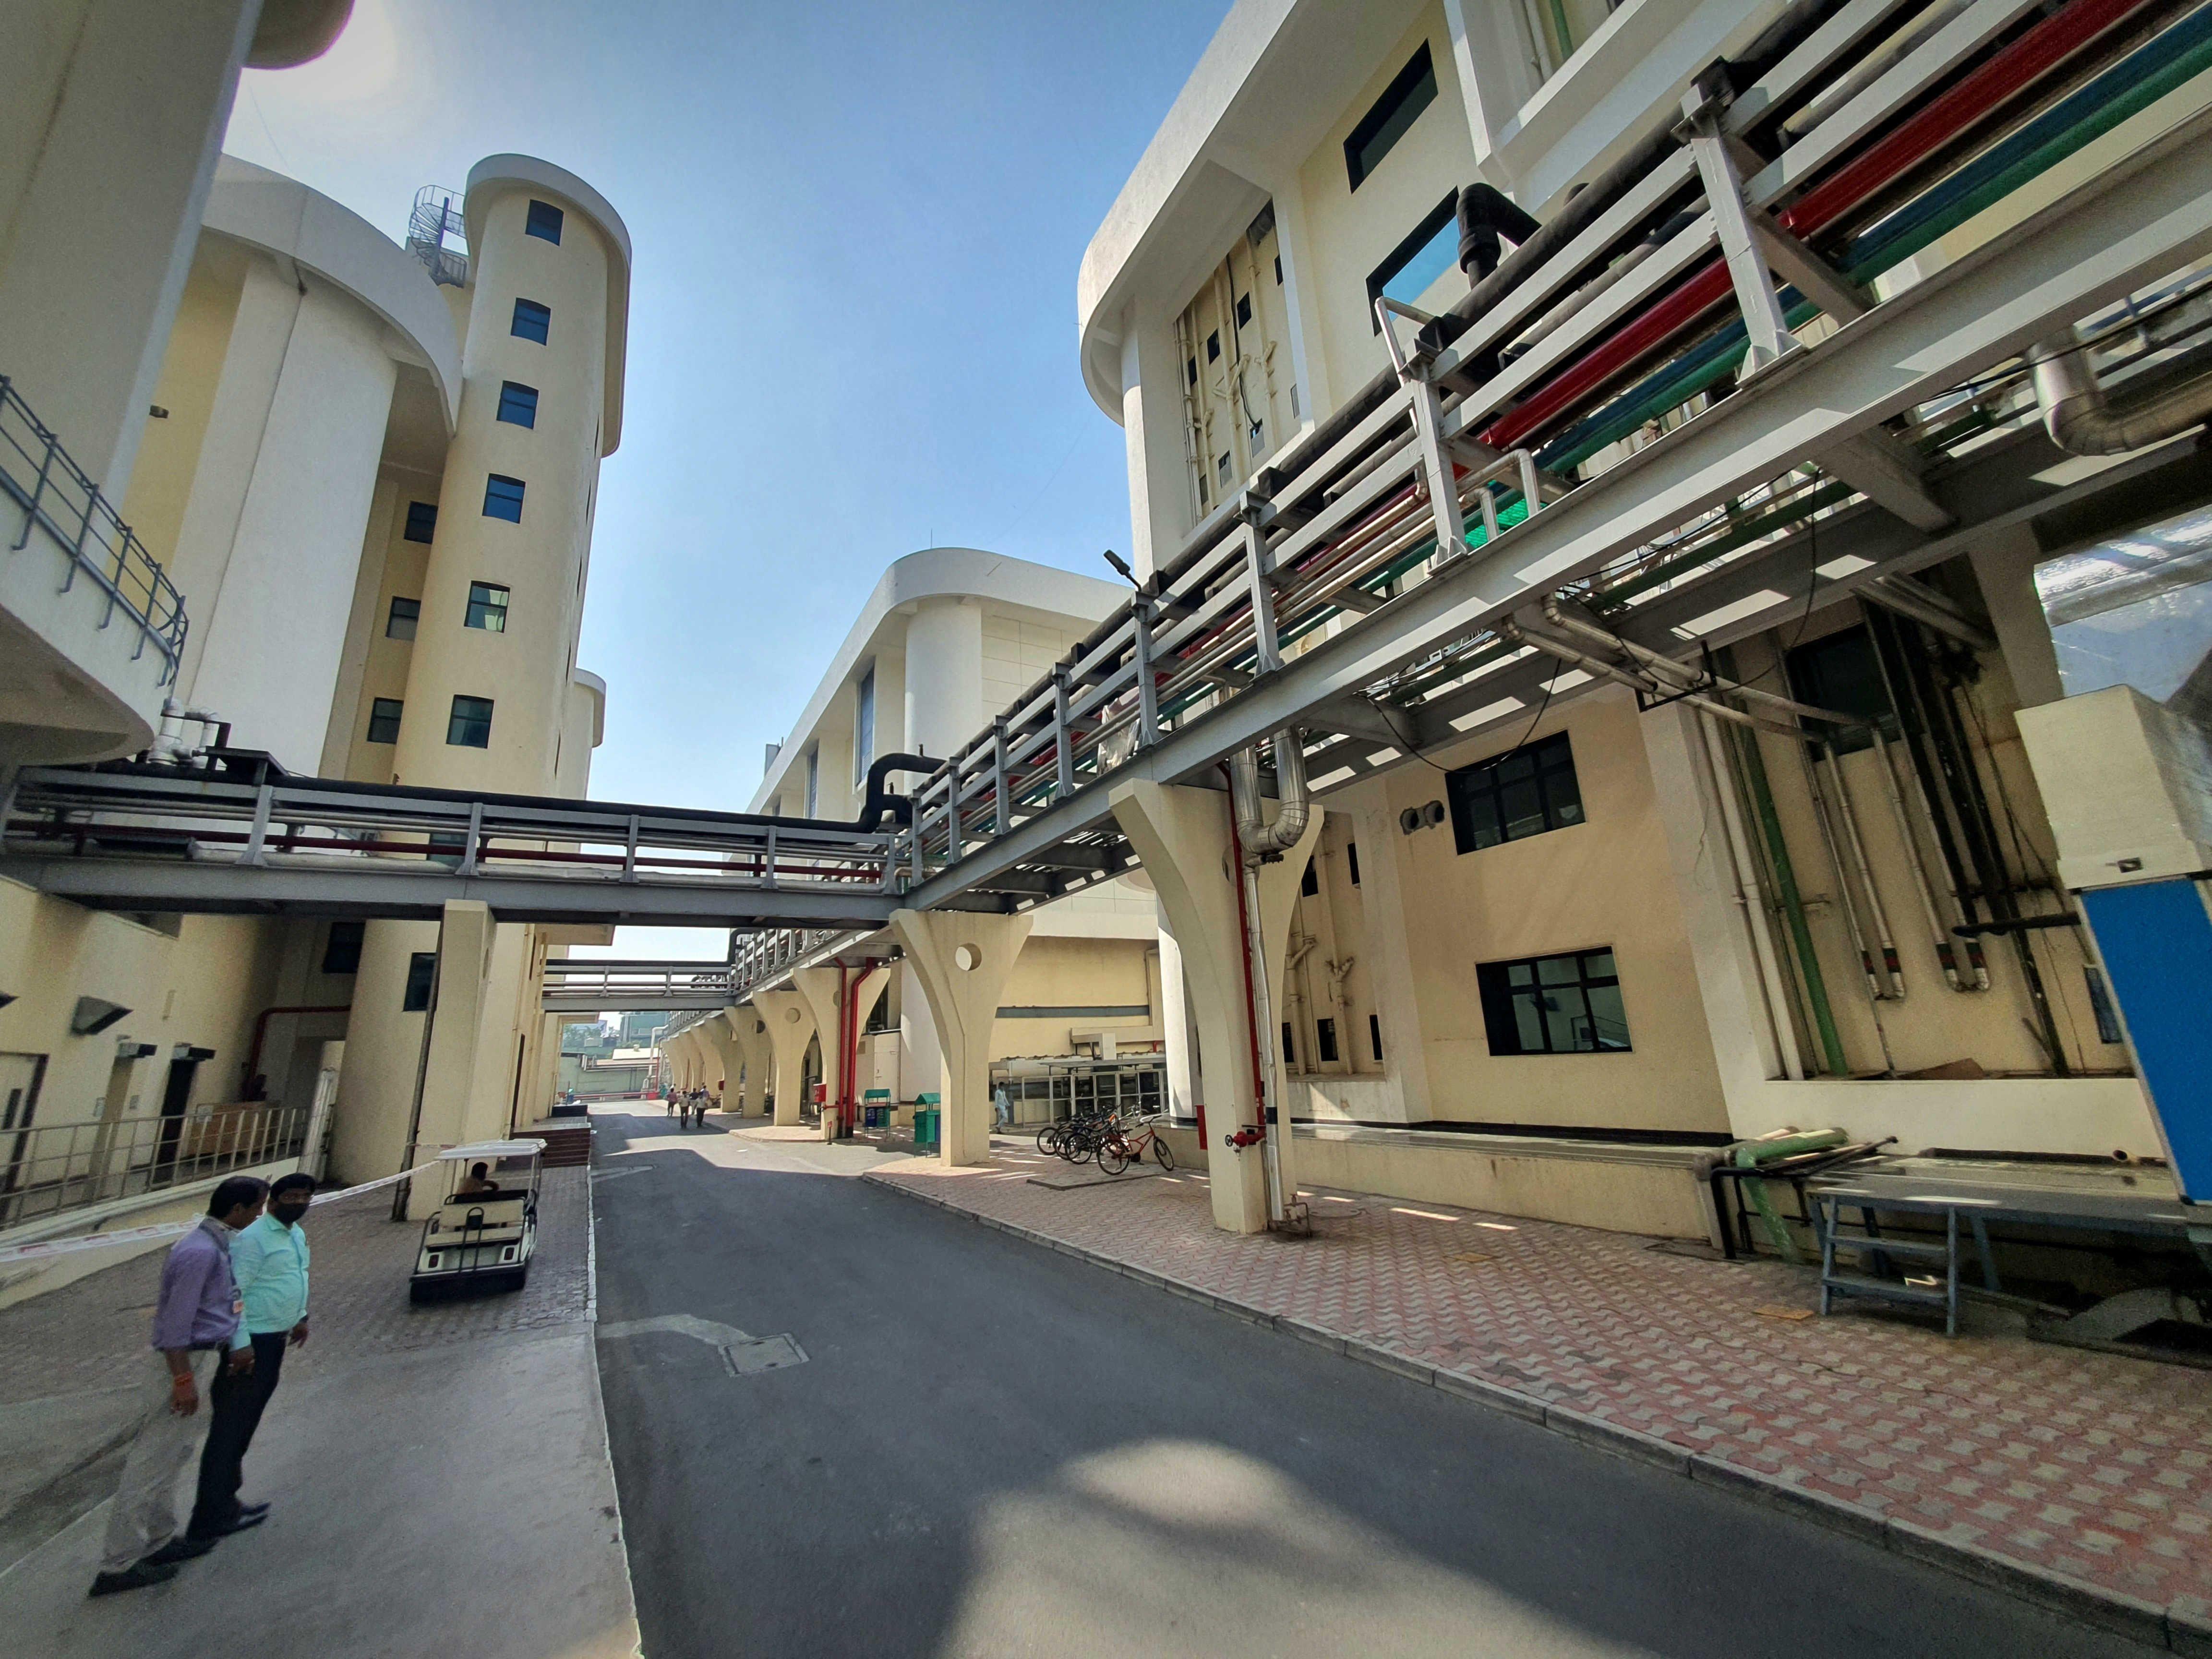 Le Campus du Serum Institute of India (1)